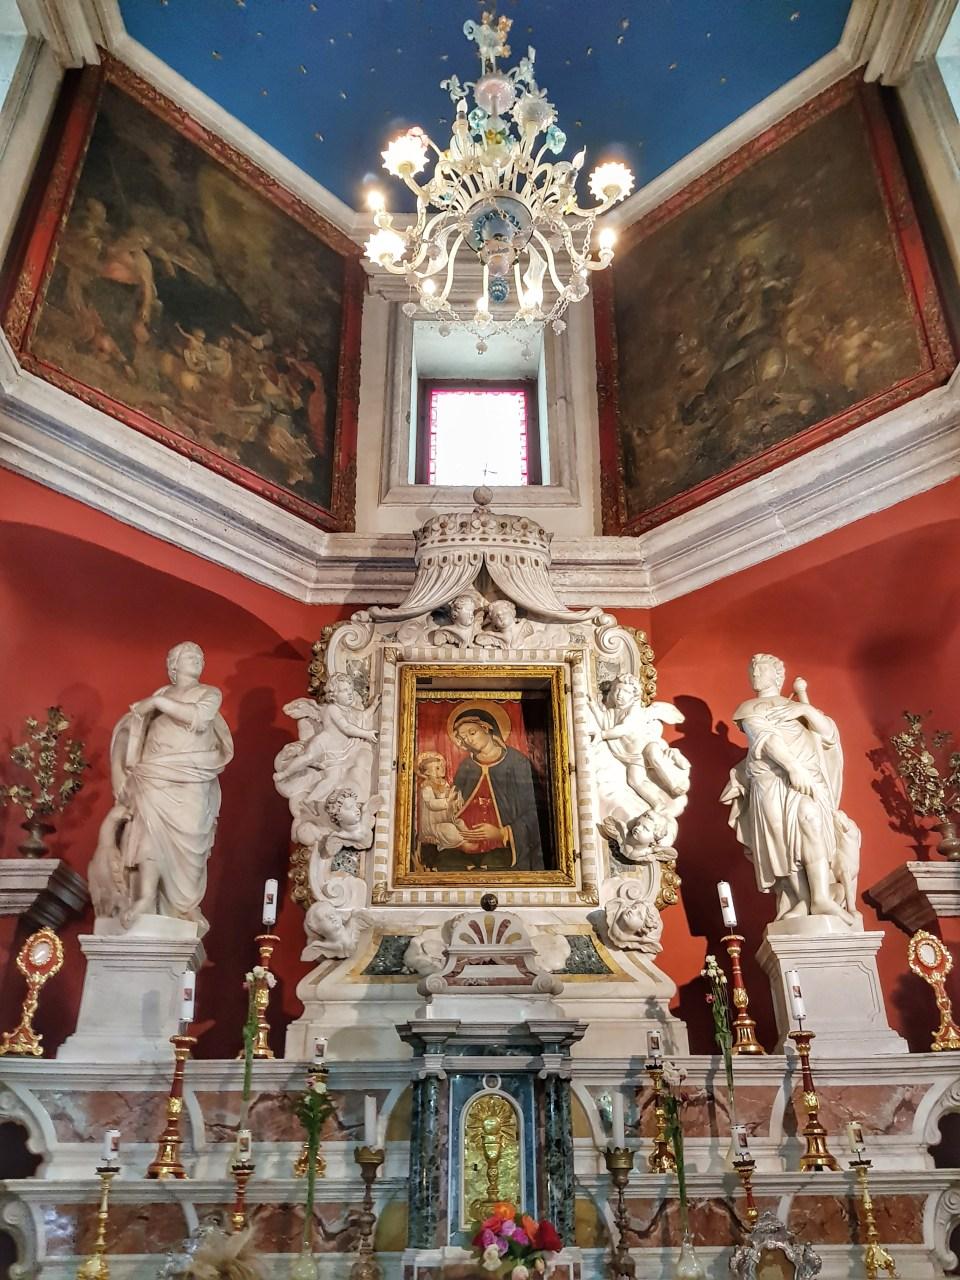 Ikona i oltar u crkvi - Gospa od Škrpjela